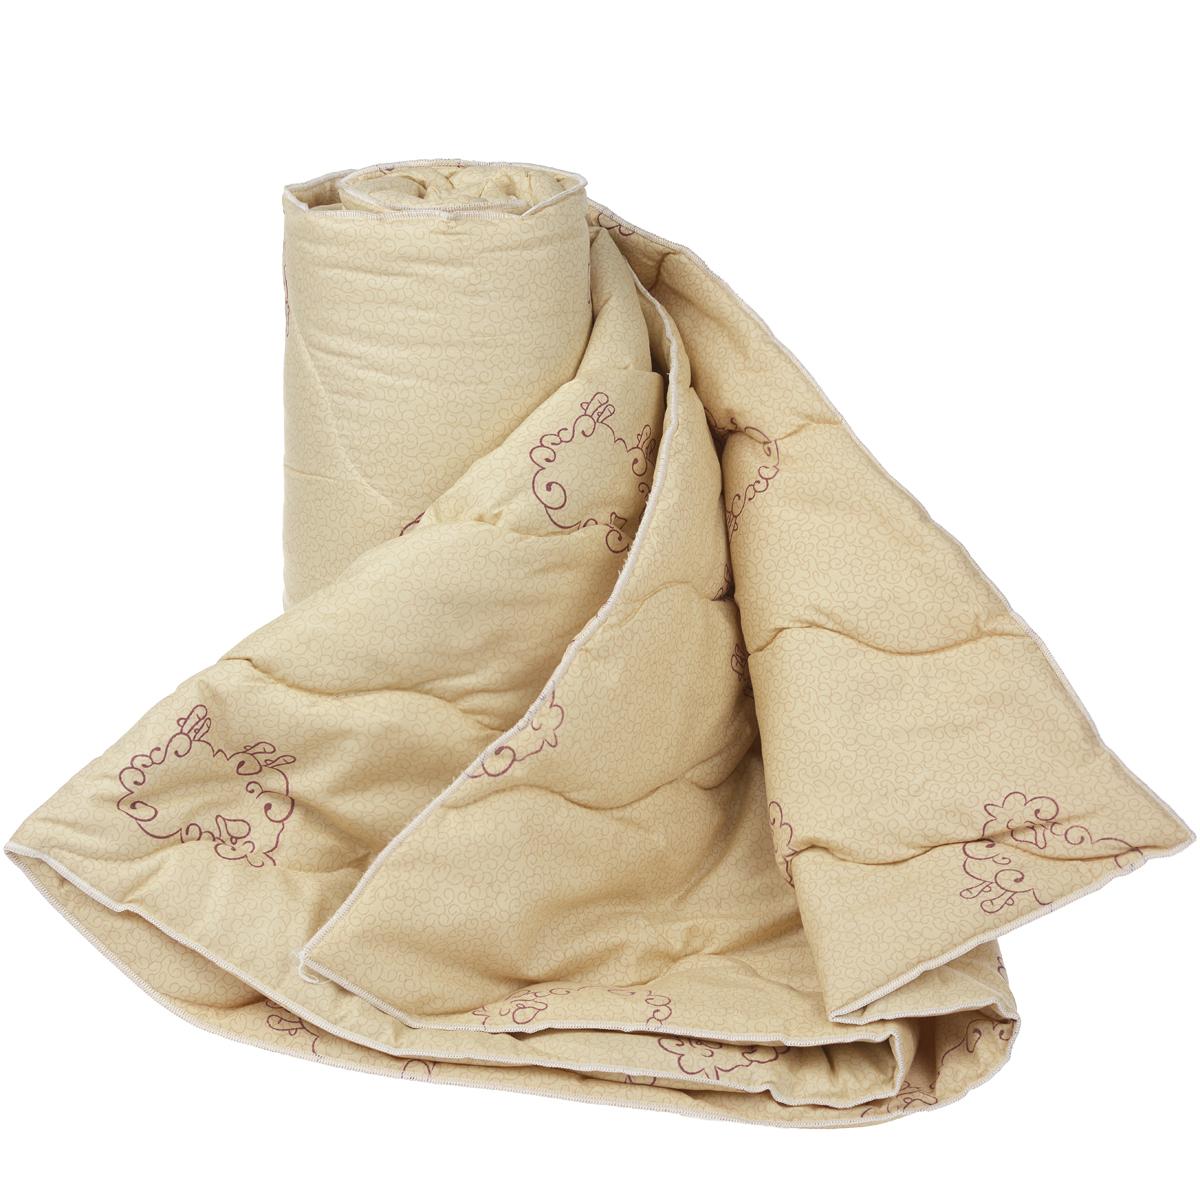 Одеяло Dargez Находка, наполнитель: овечья шерсть, цвет: бежевый, 172 х 200 см20(33)323Одеяло Dargez Находка подарит уютный и комфортный сон. Чехол одеяла выполнен из микрофибры и оформлен изображением овечек. Фигурная стежка надежно удерживает наполнитель внутри. Изделия с шерстяным наполнителем: - обладают лечебно-профилактическим эффектом, - гигроскопичны: обеспечивают комфортное сухое тепло, - обладают хорошей циркуляцией воздуха. Рекомендации по уходу: - Стирка запрещена. - Запрещается отбеливать, гладить, выжимать и сушить. - Химическая чистка любым растворителем, кроме трихлорэтилена. Материал чехла: микрофибра (100% полиэстер). Материал наполнителя: овечья шерсть. Плотность наполнителя: 200 г/м2. Размер одеяла: 172 см х 200 см.